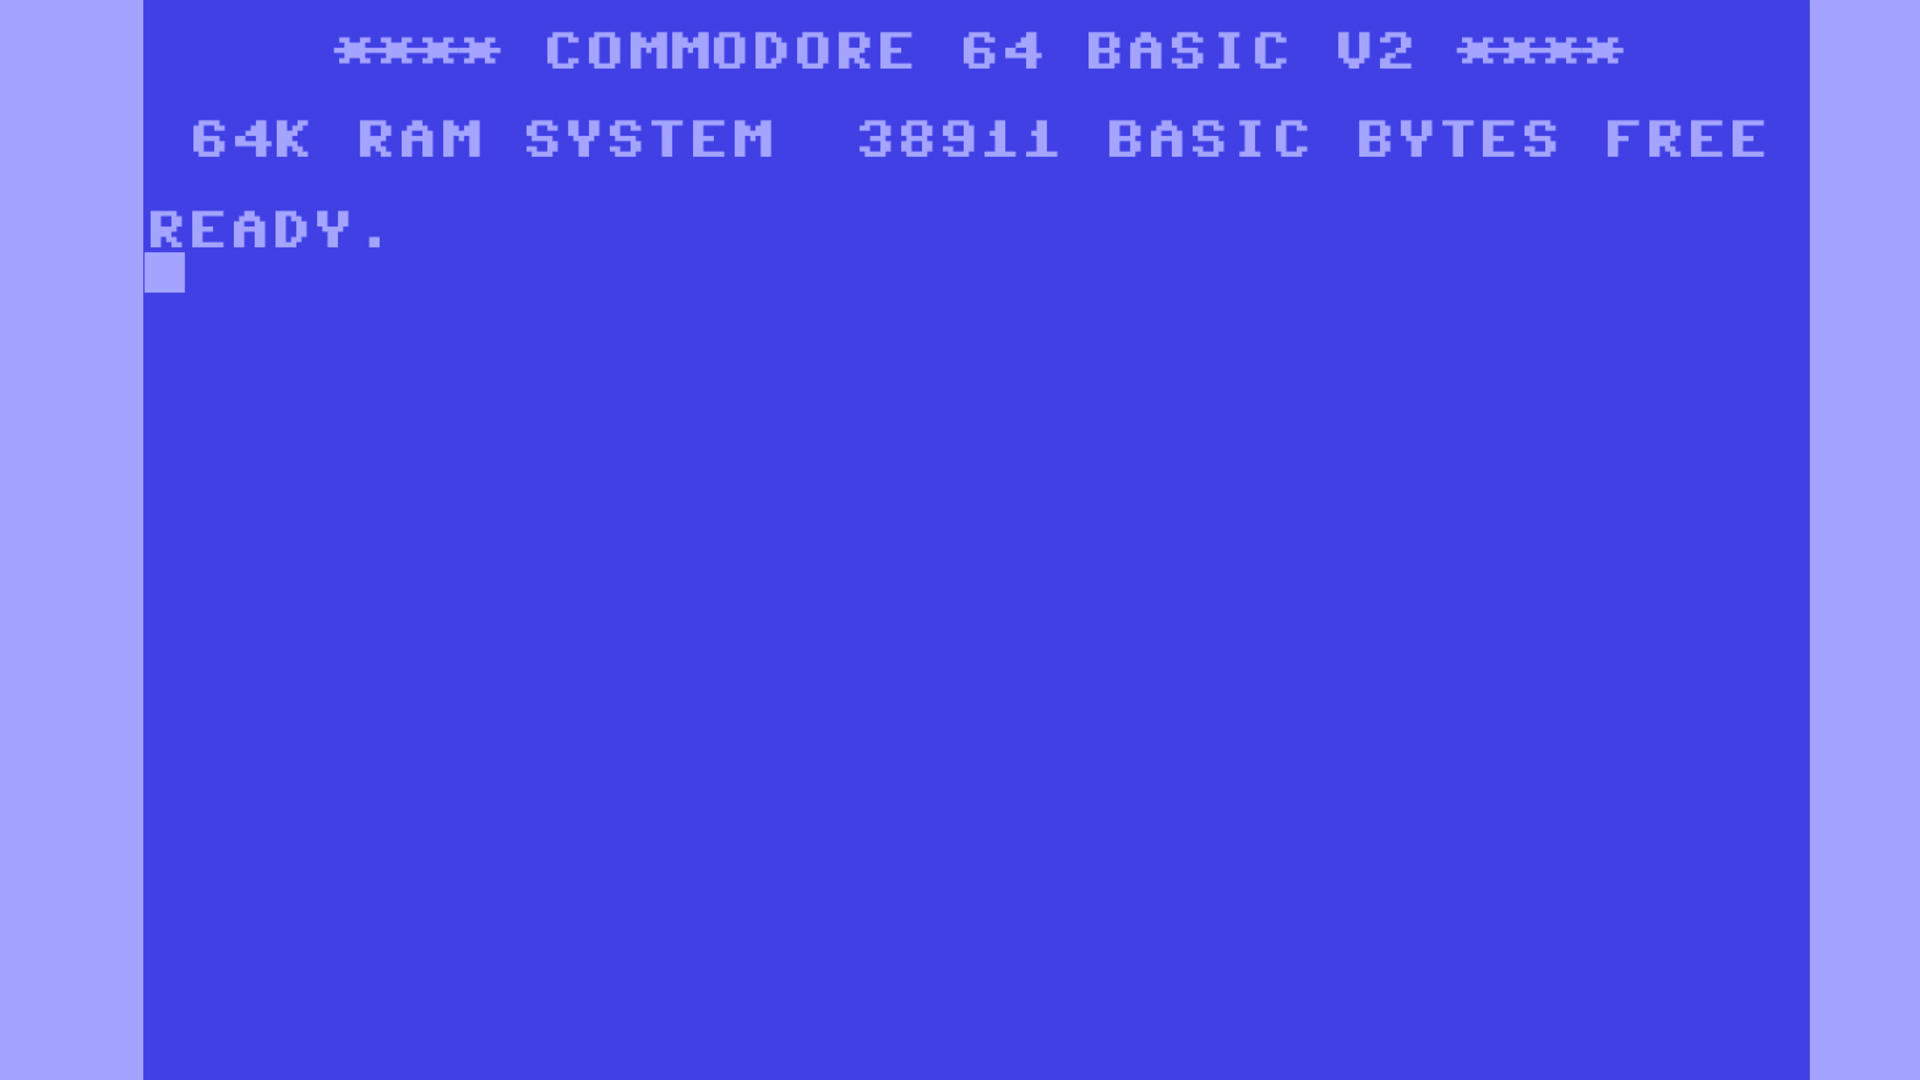 Classic Commodore C64 Wallpaper [1920px 1080p] pics 1920x1080